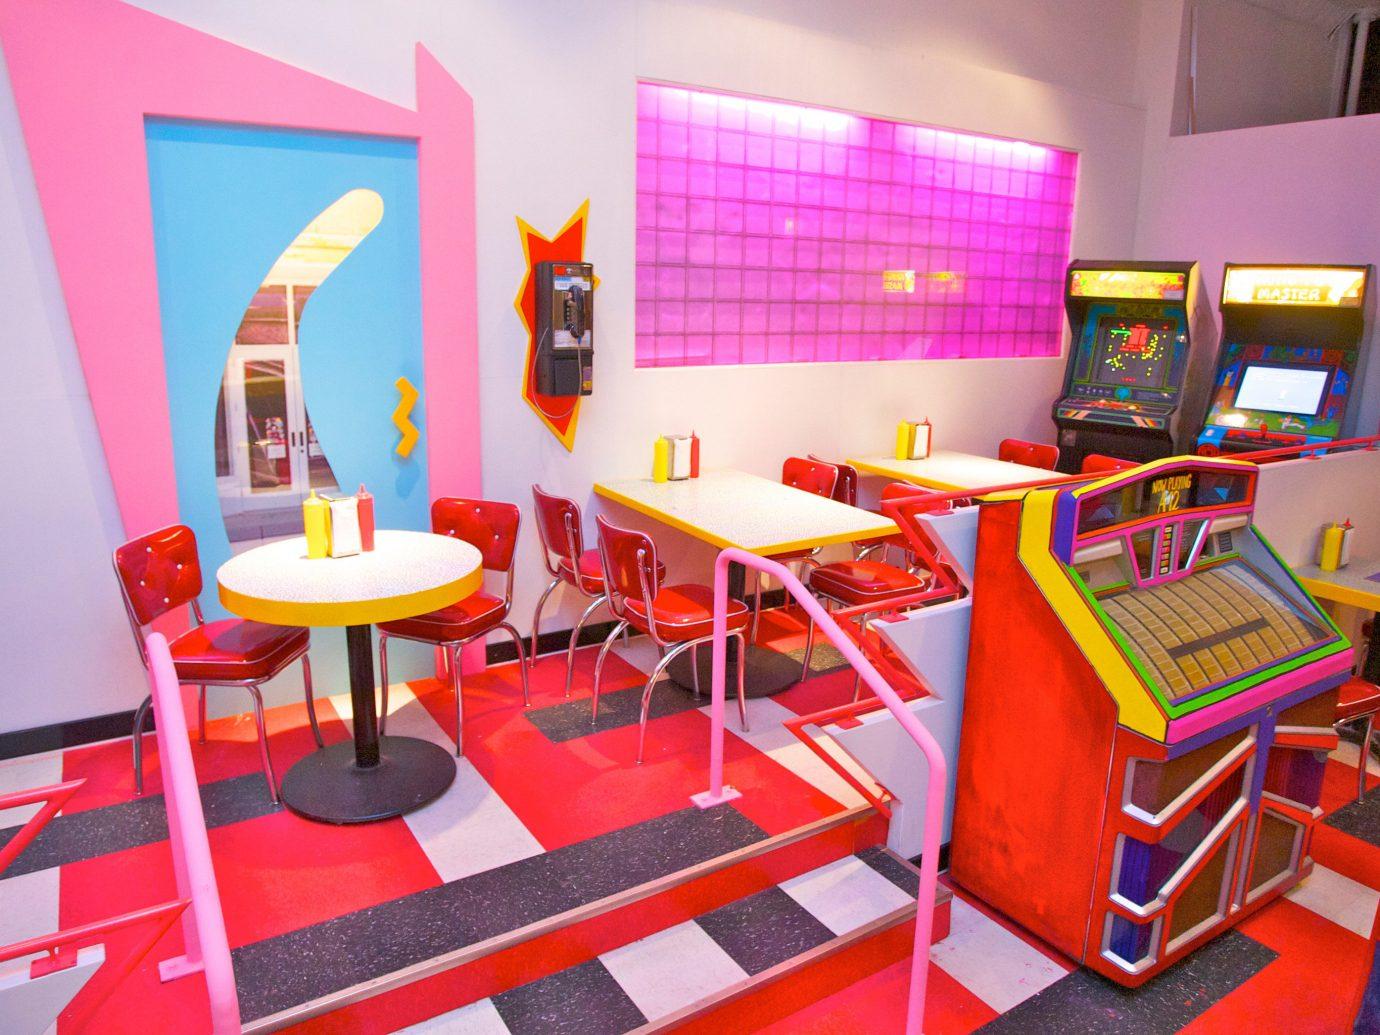 Arts + Culture floor indoor chair room interior design recreation room classroom Resort restaurant area furniture